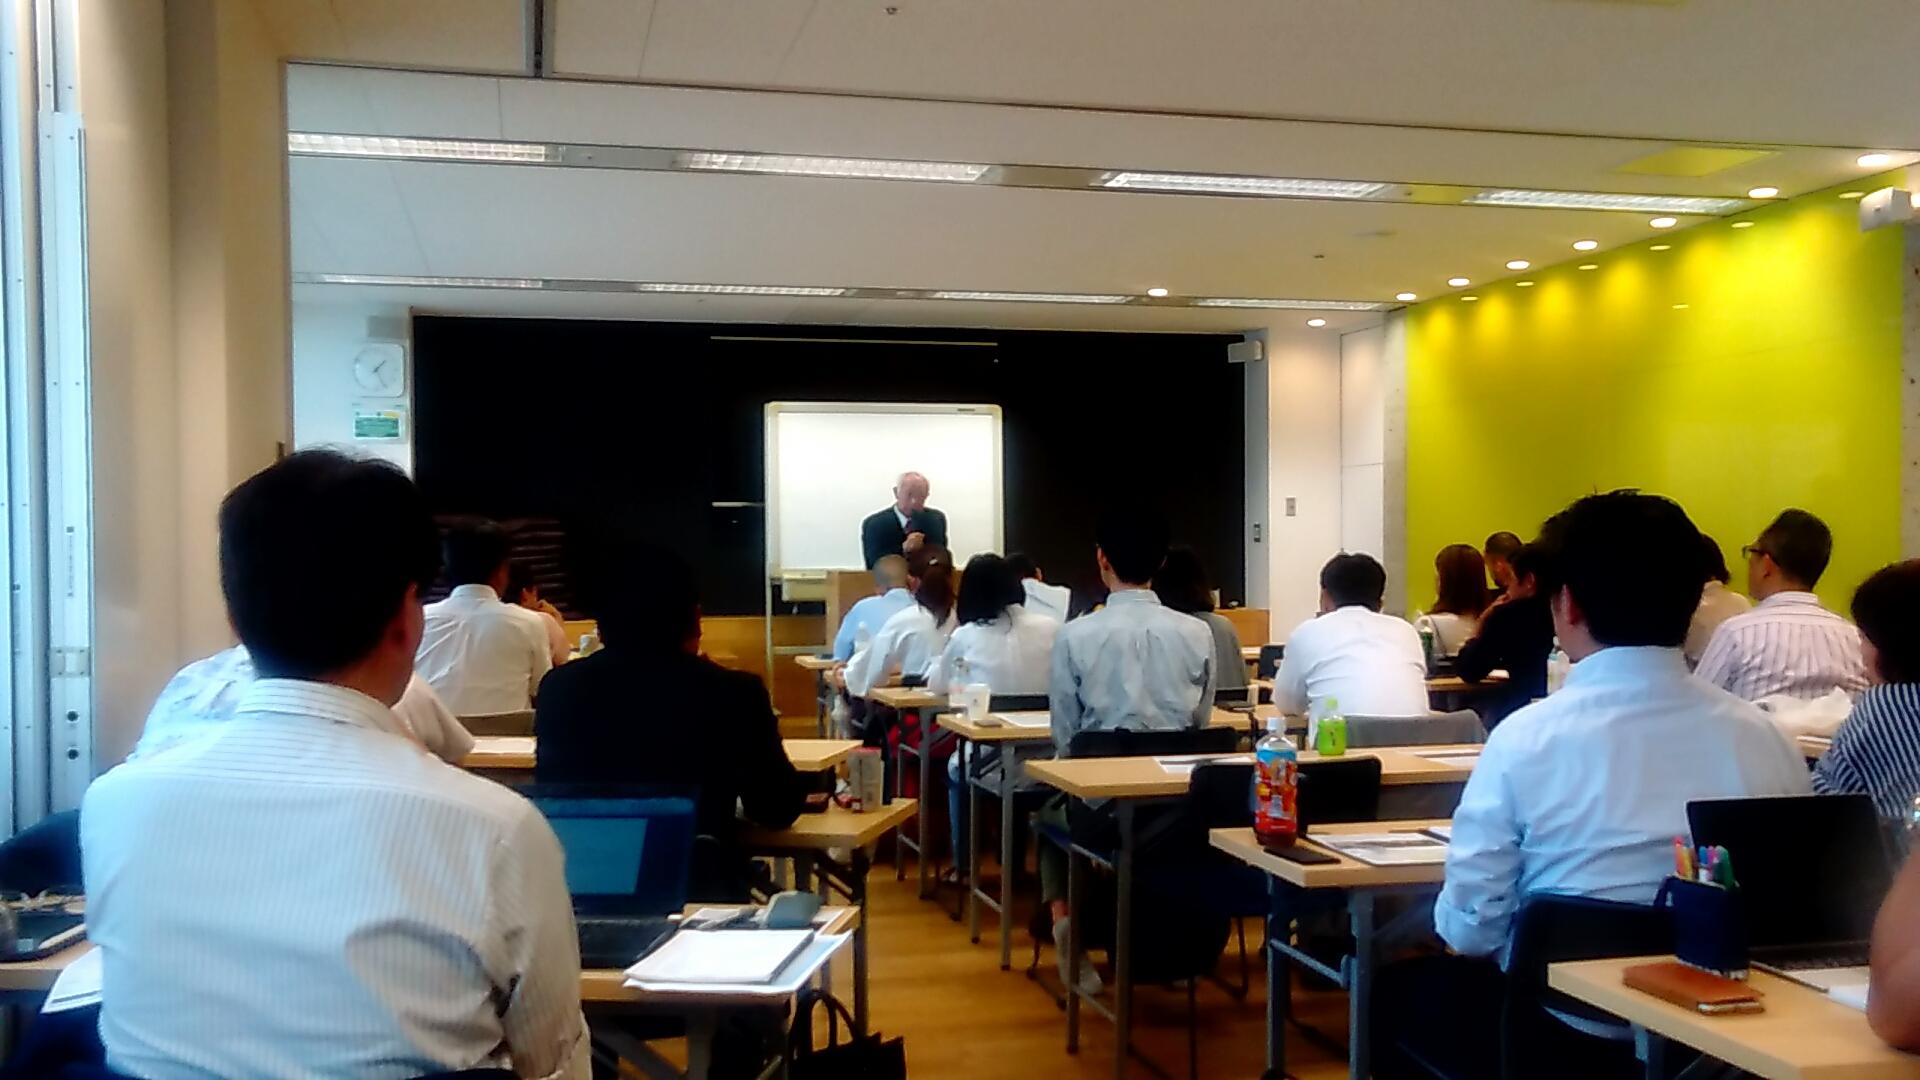 20180602132711 - 2018年6月2日東京思風塾開催しました。